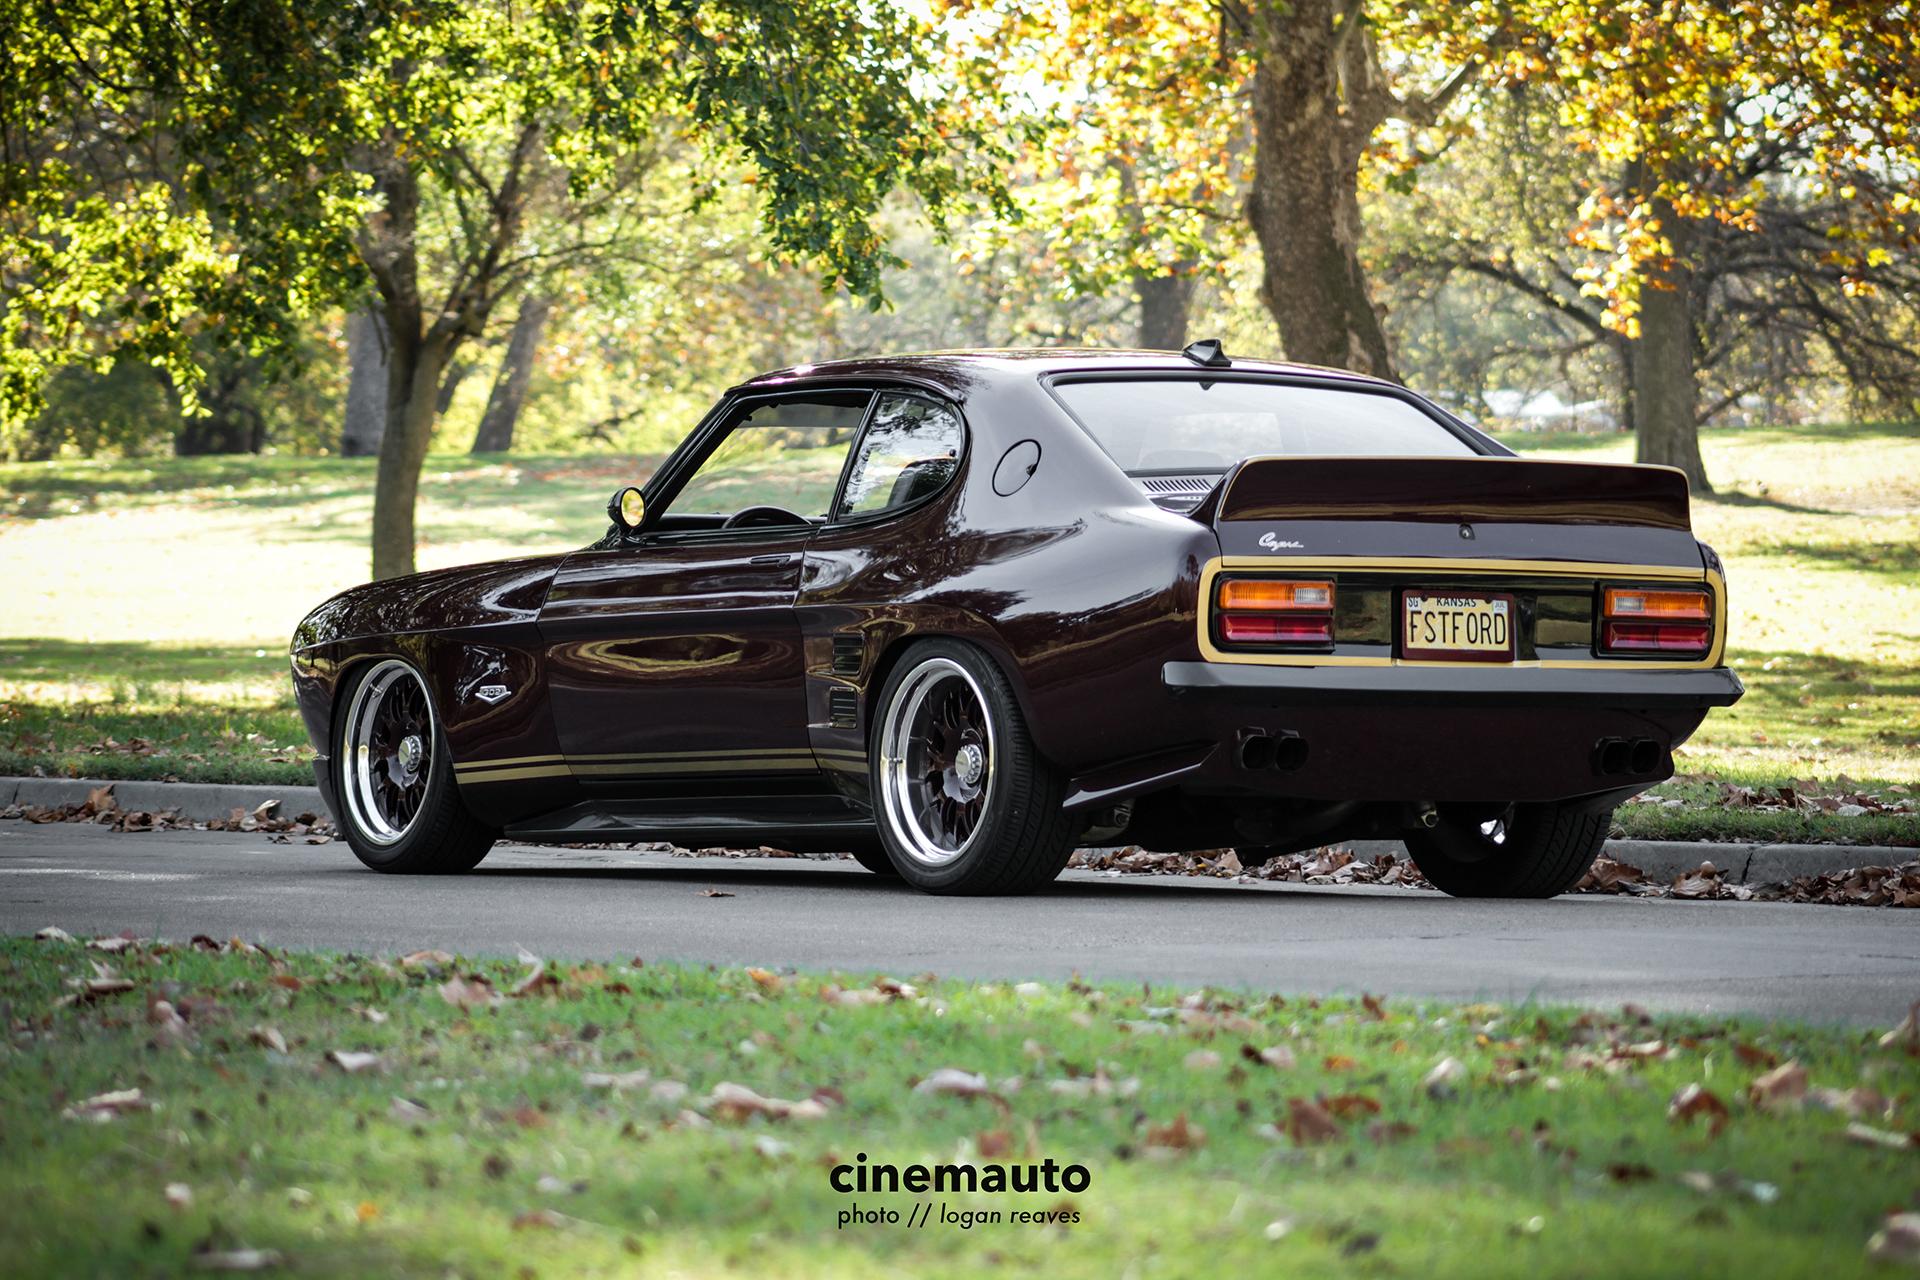 cinemauto-ford-capri-4.jpg